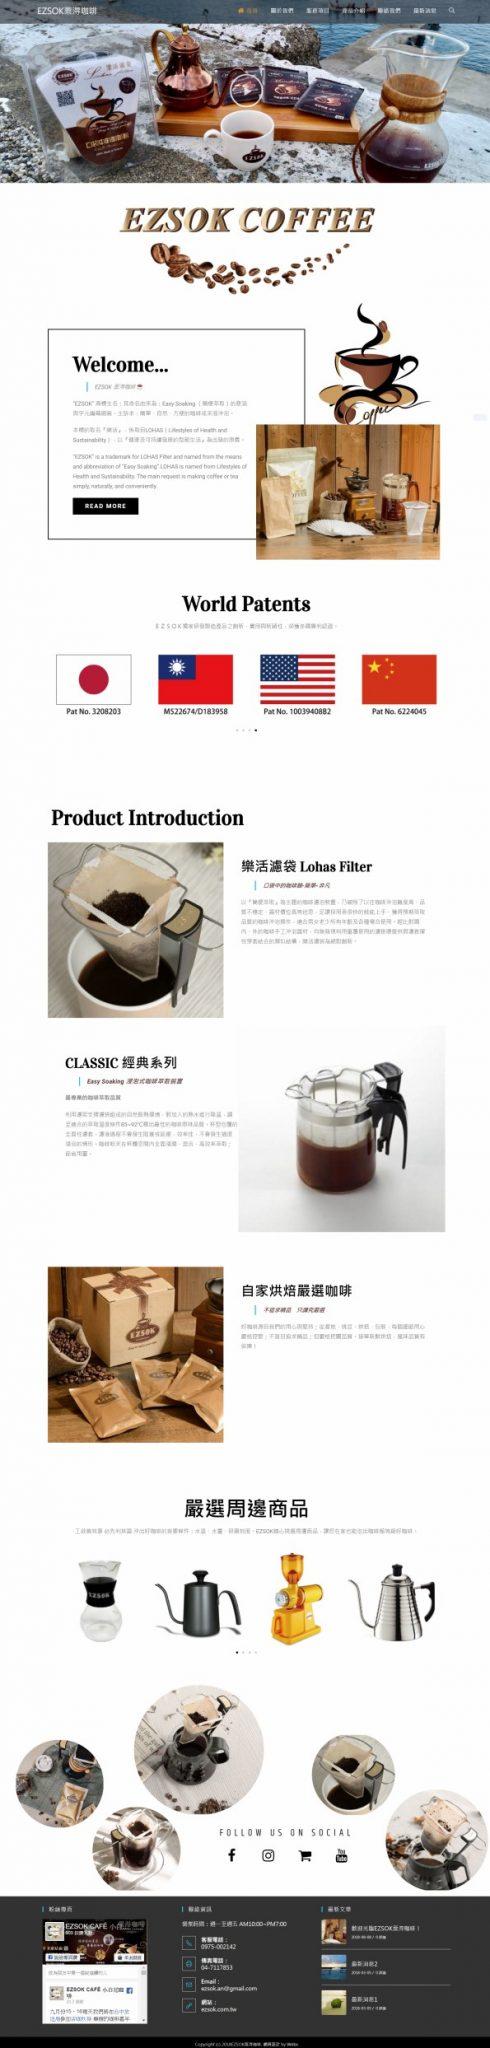 網頁設計-粟淂咖啡1